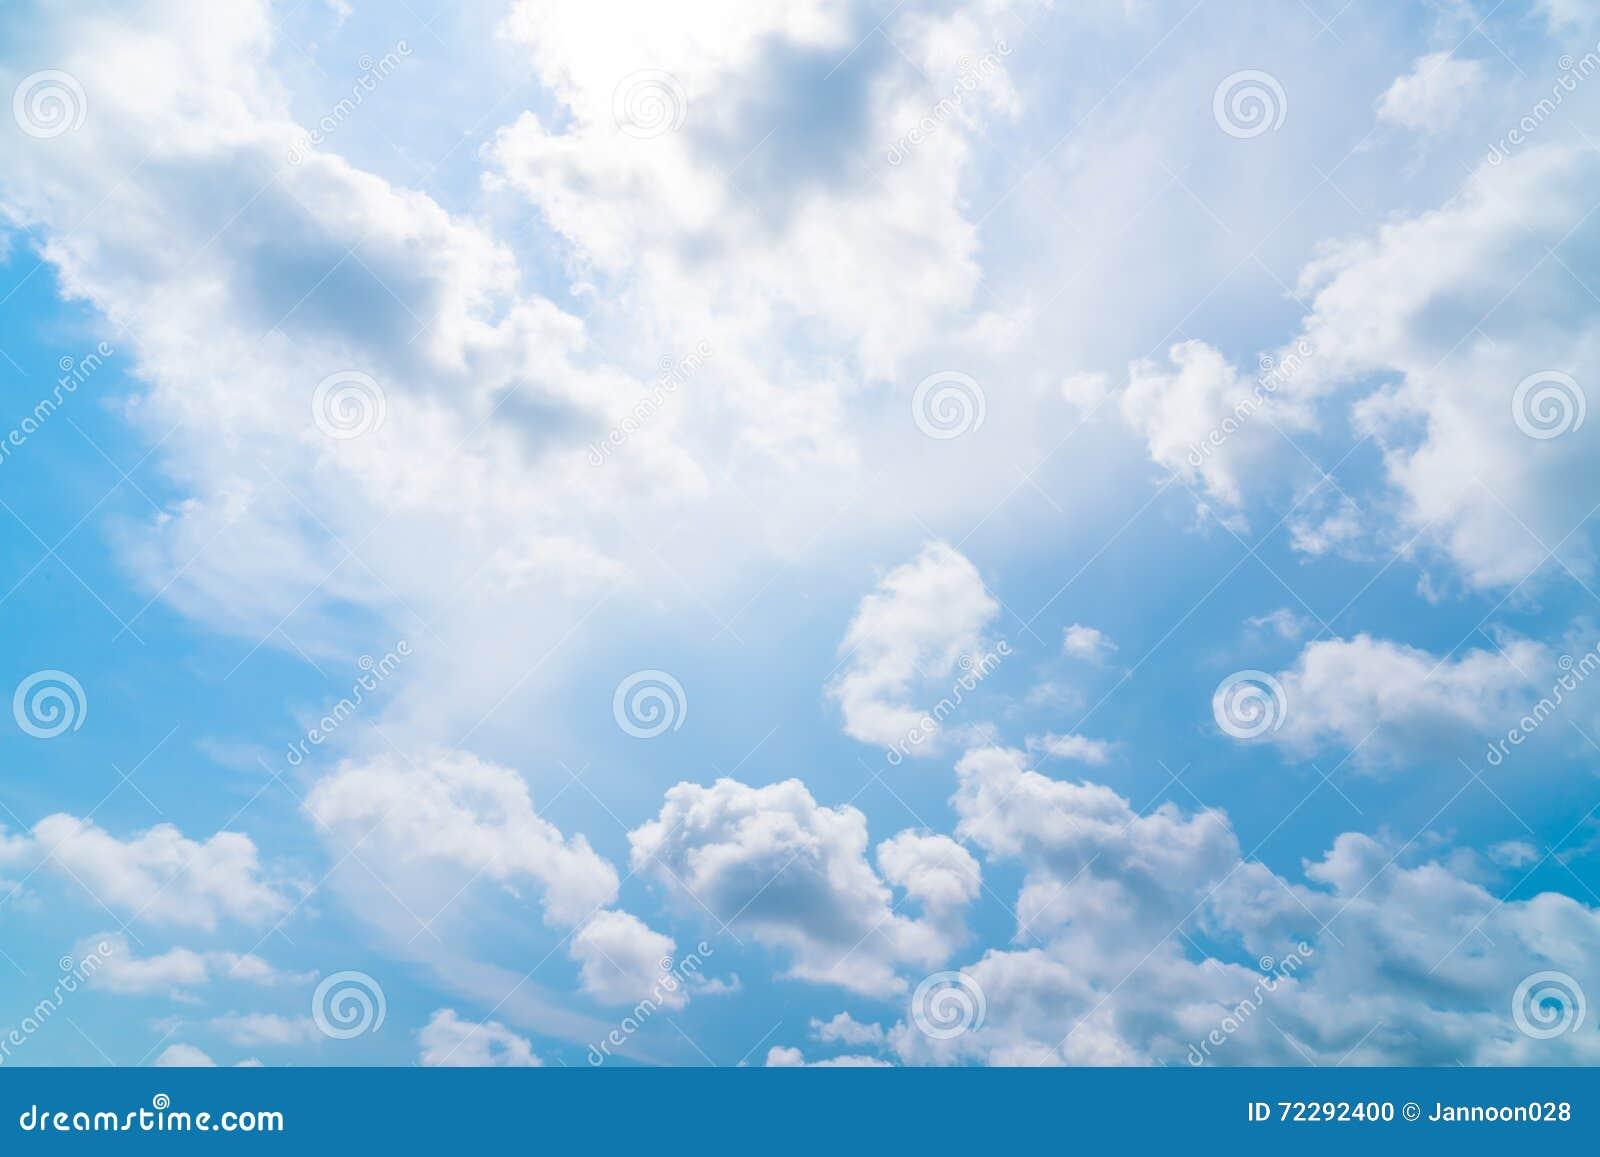 Download голубое небо облака стоковое фото. изображение насчитывающей влага - 72292400